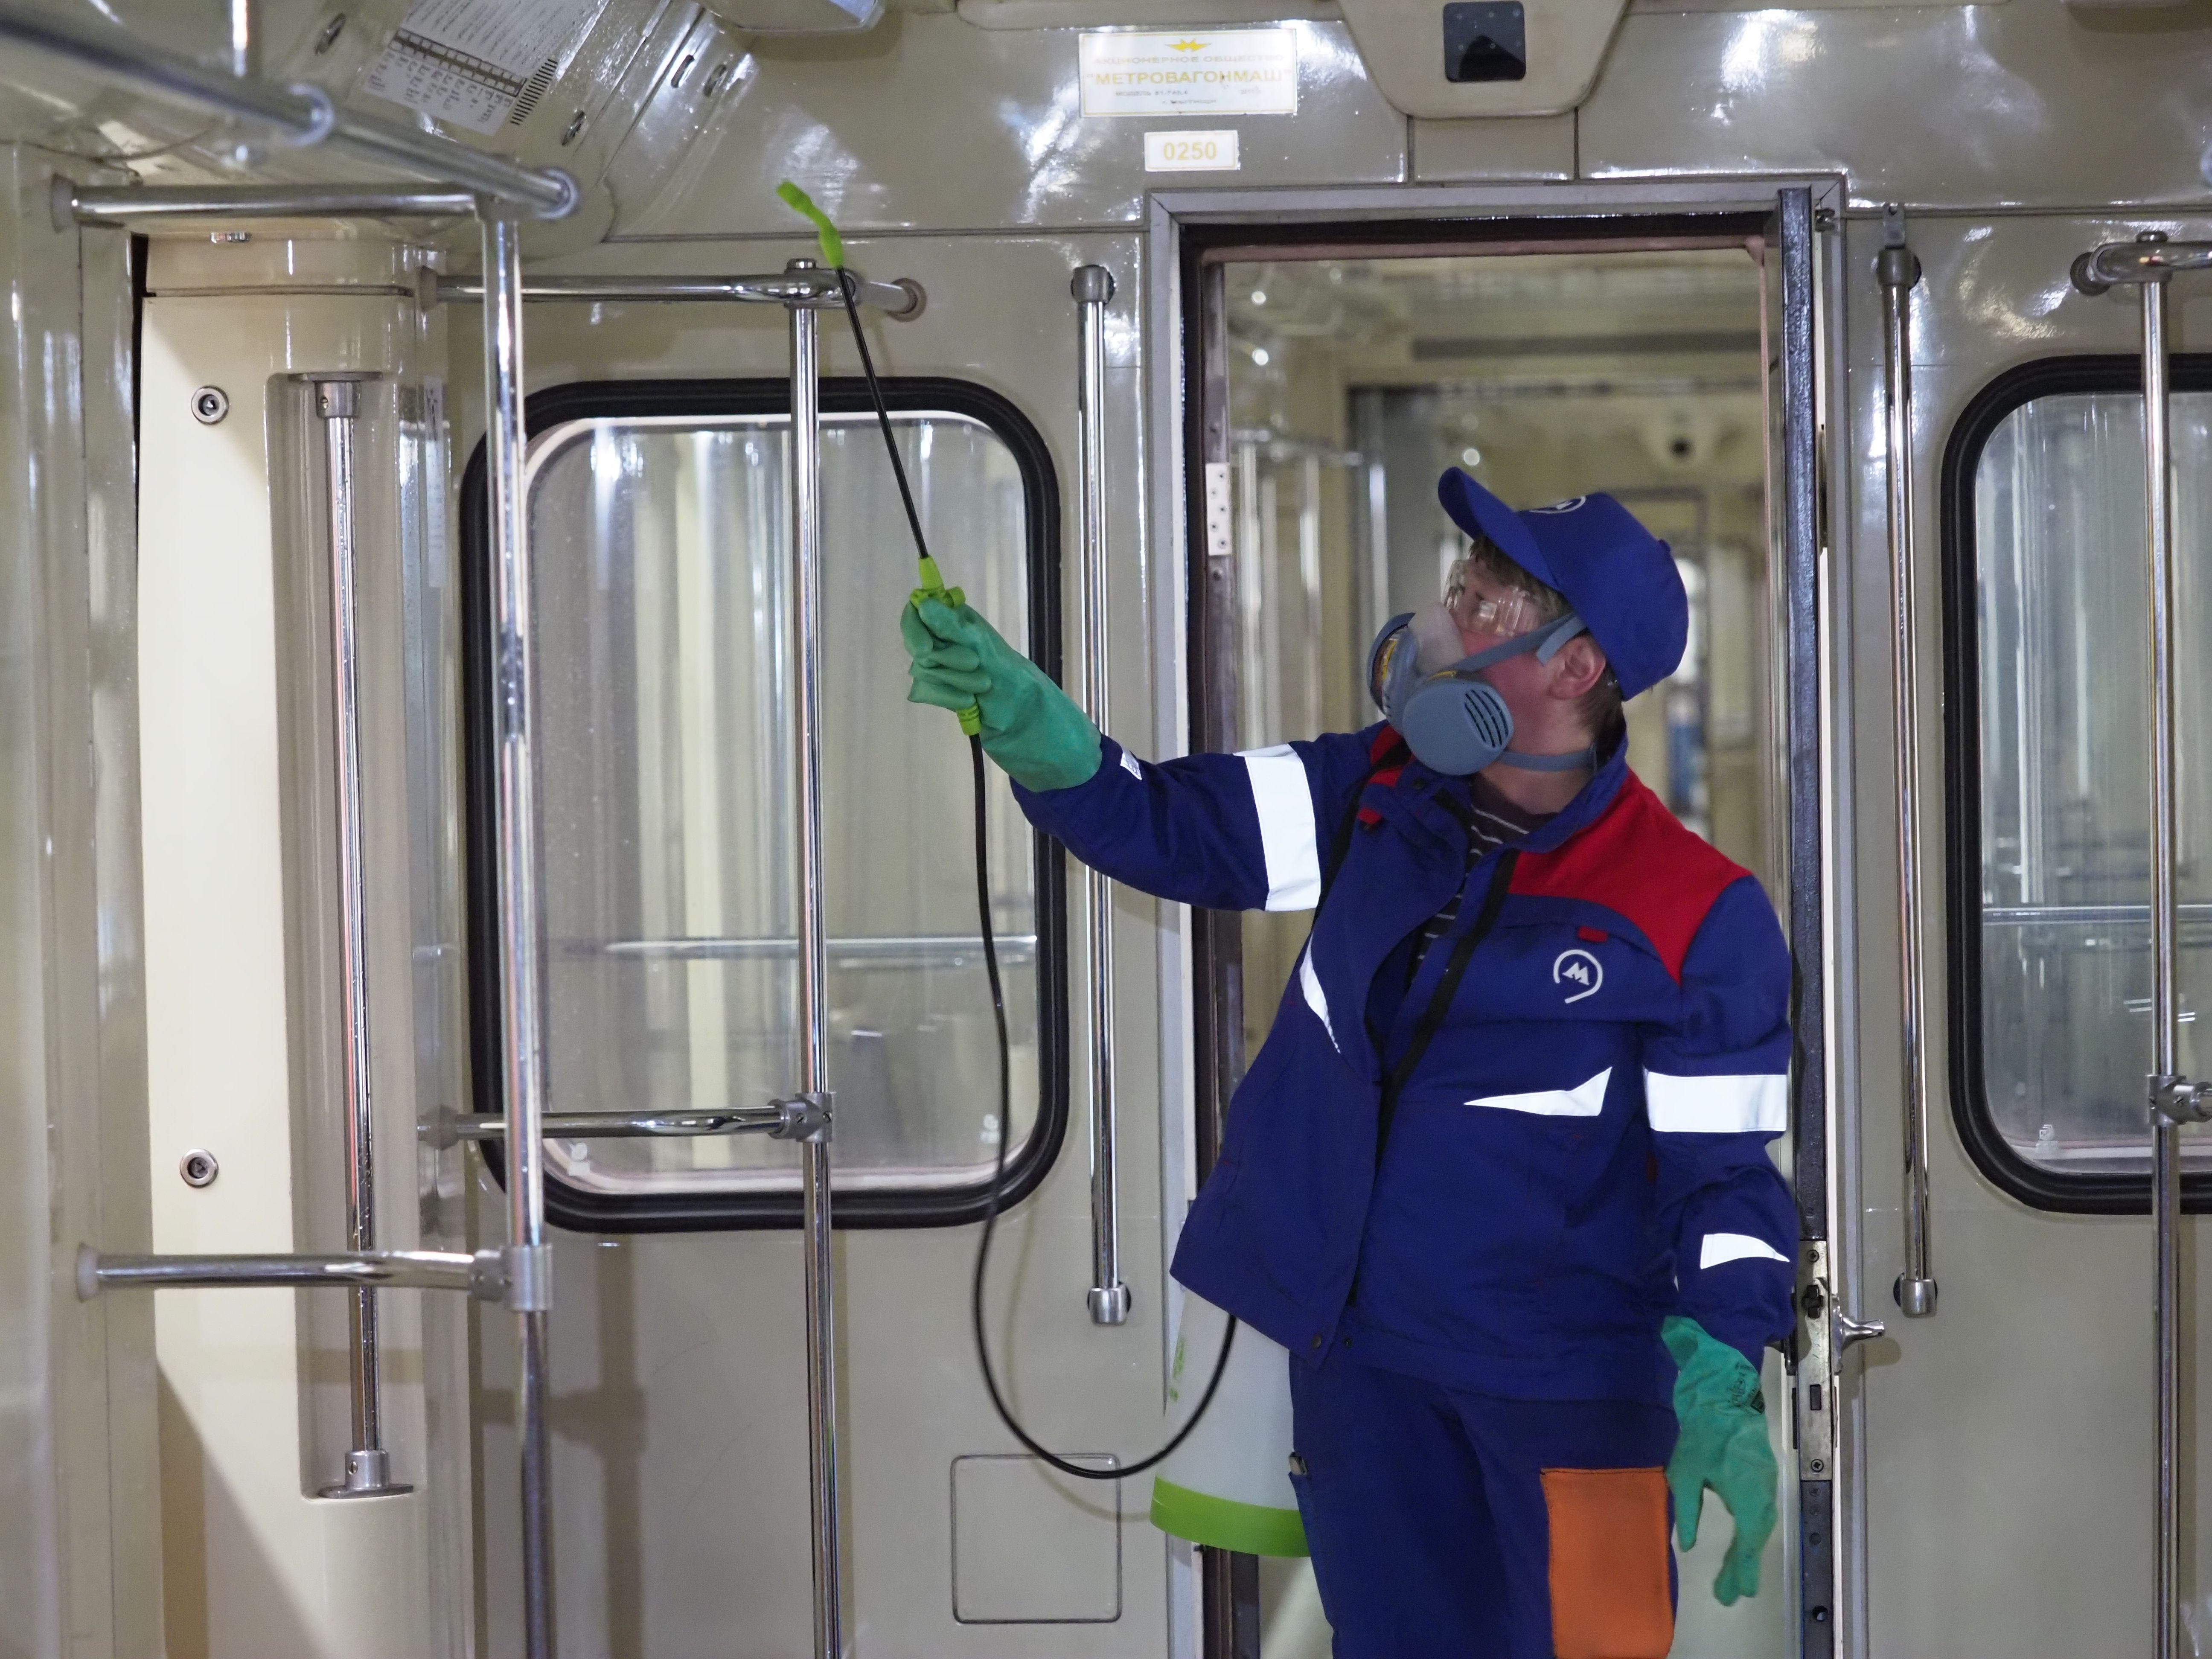 Меры по борьбе с коронавирусом усилили в московском метро